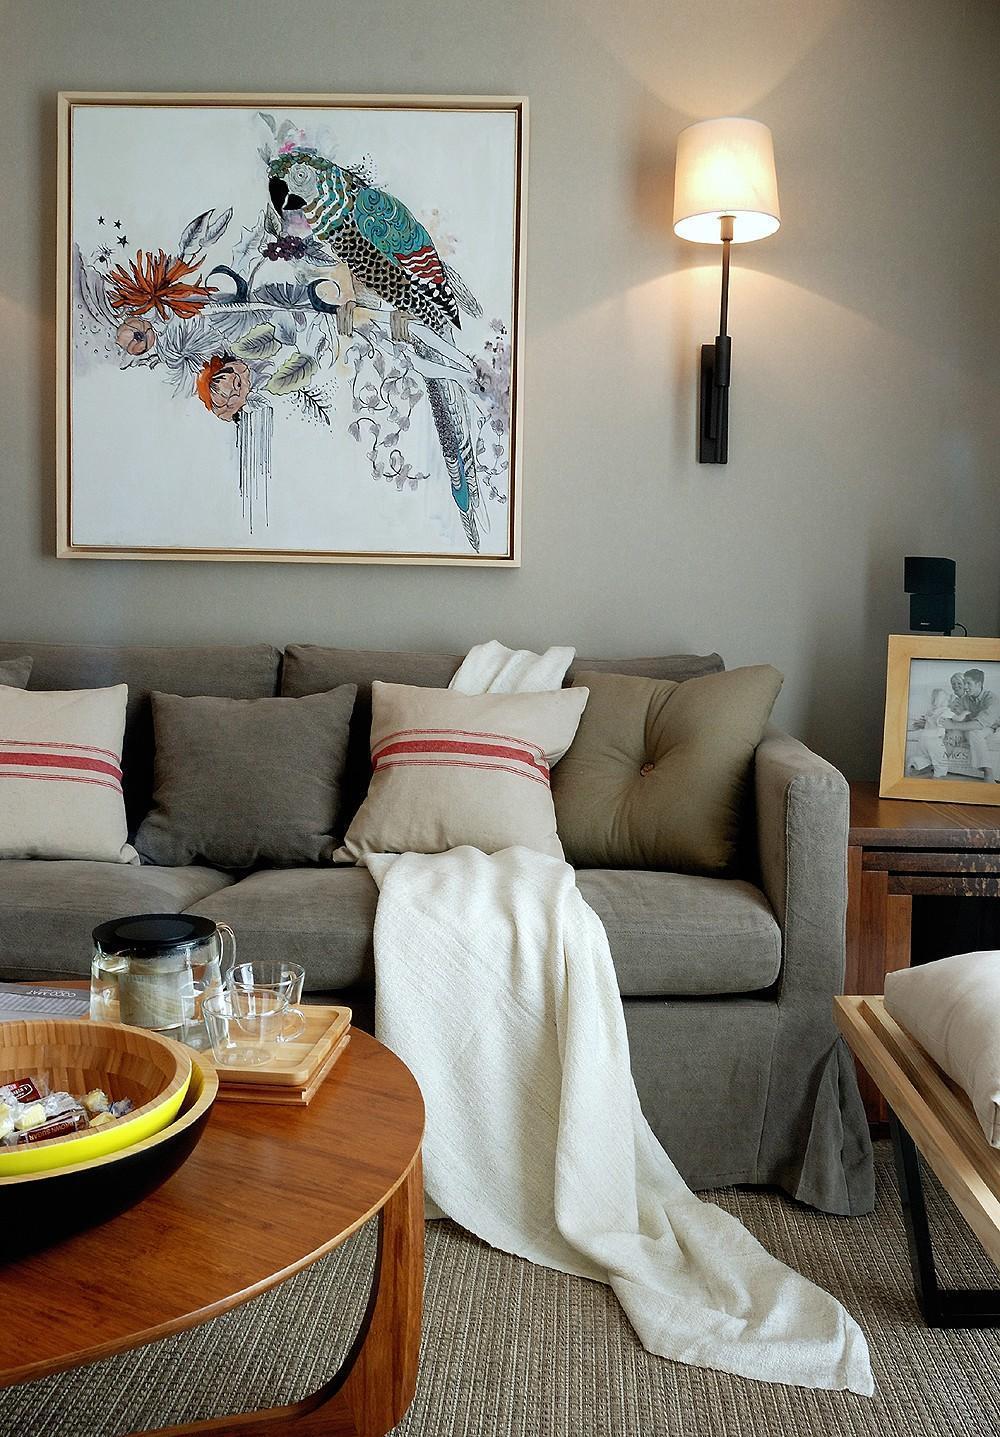 软木照片墙 实木餐桌更体现北欧风格